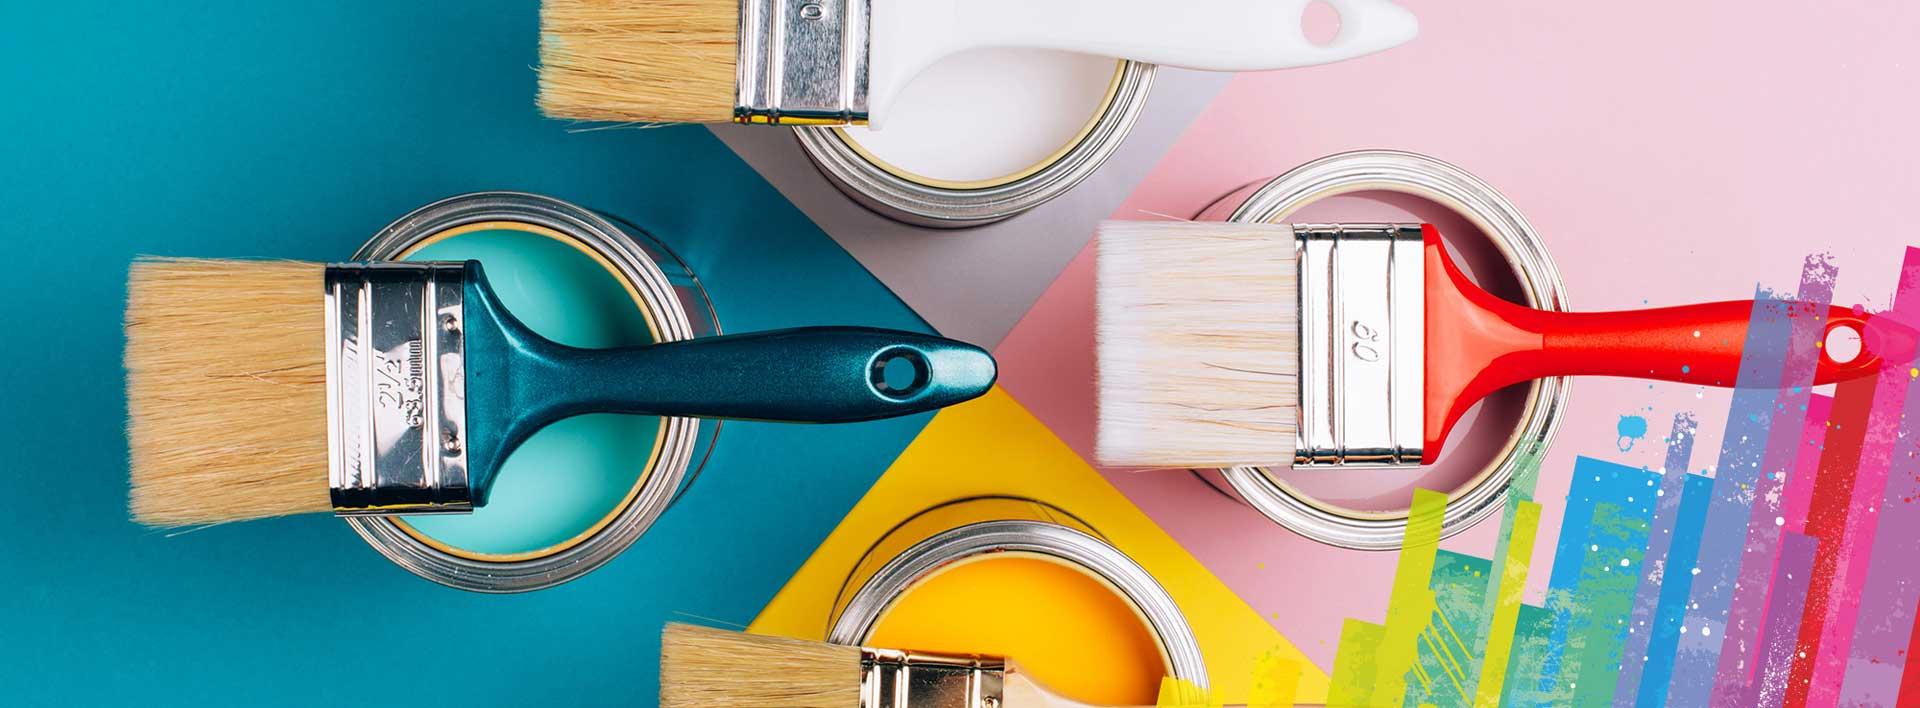 Peinture, création de couleurs, matériel de peinture